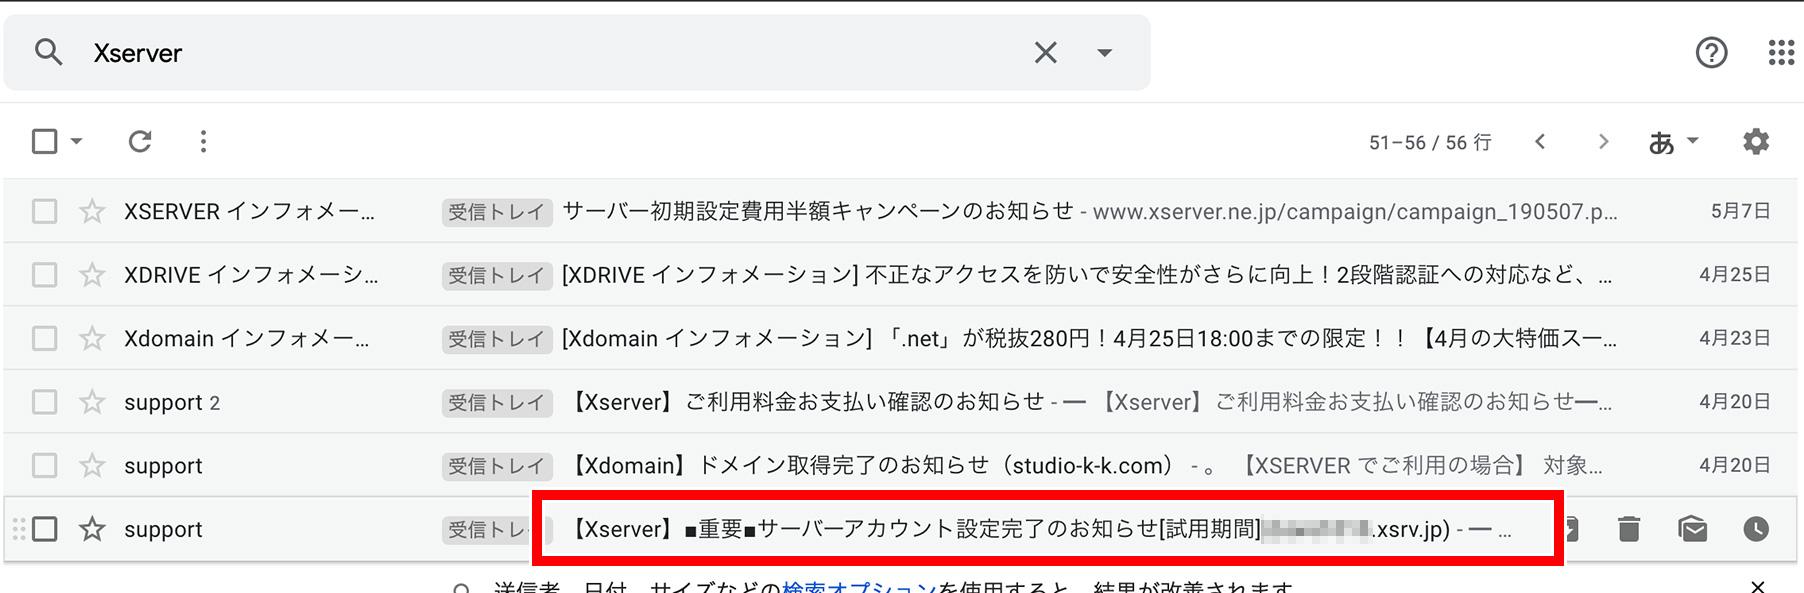 Xserver07